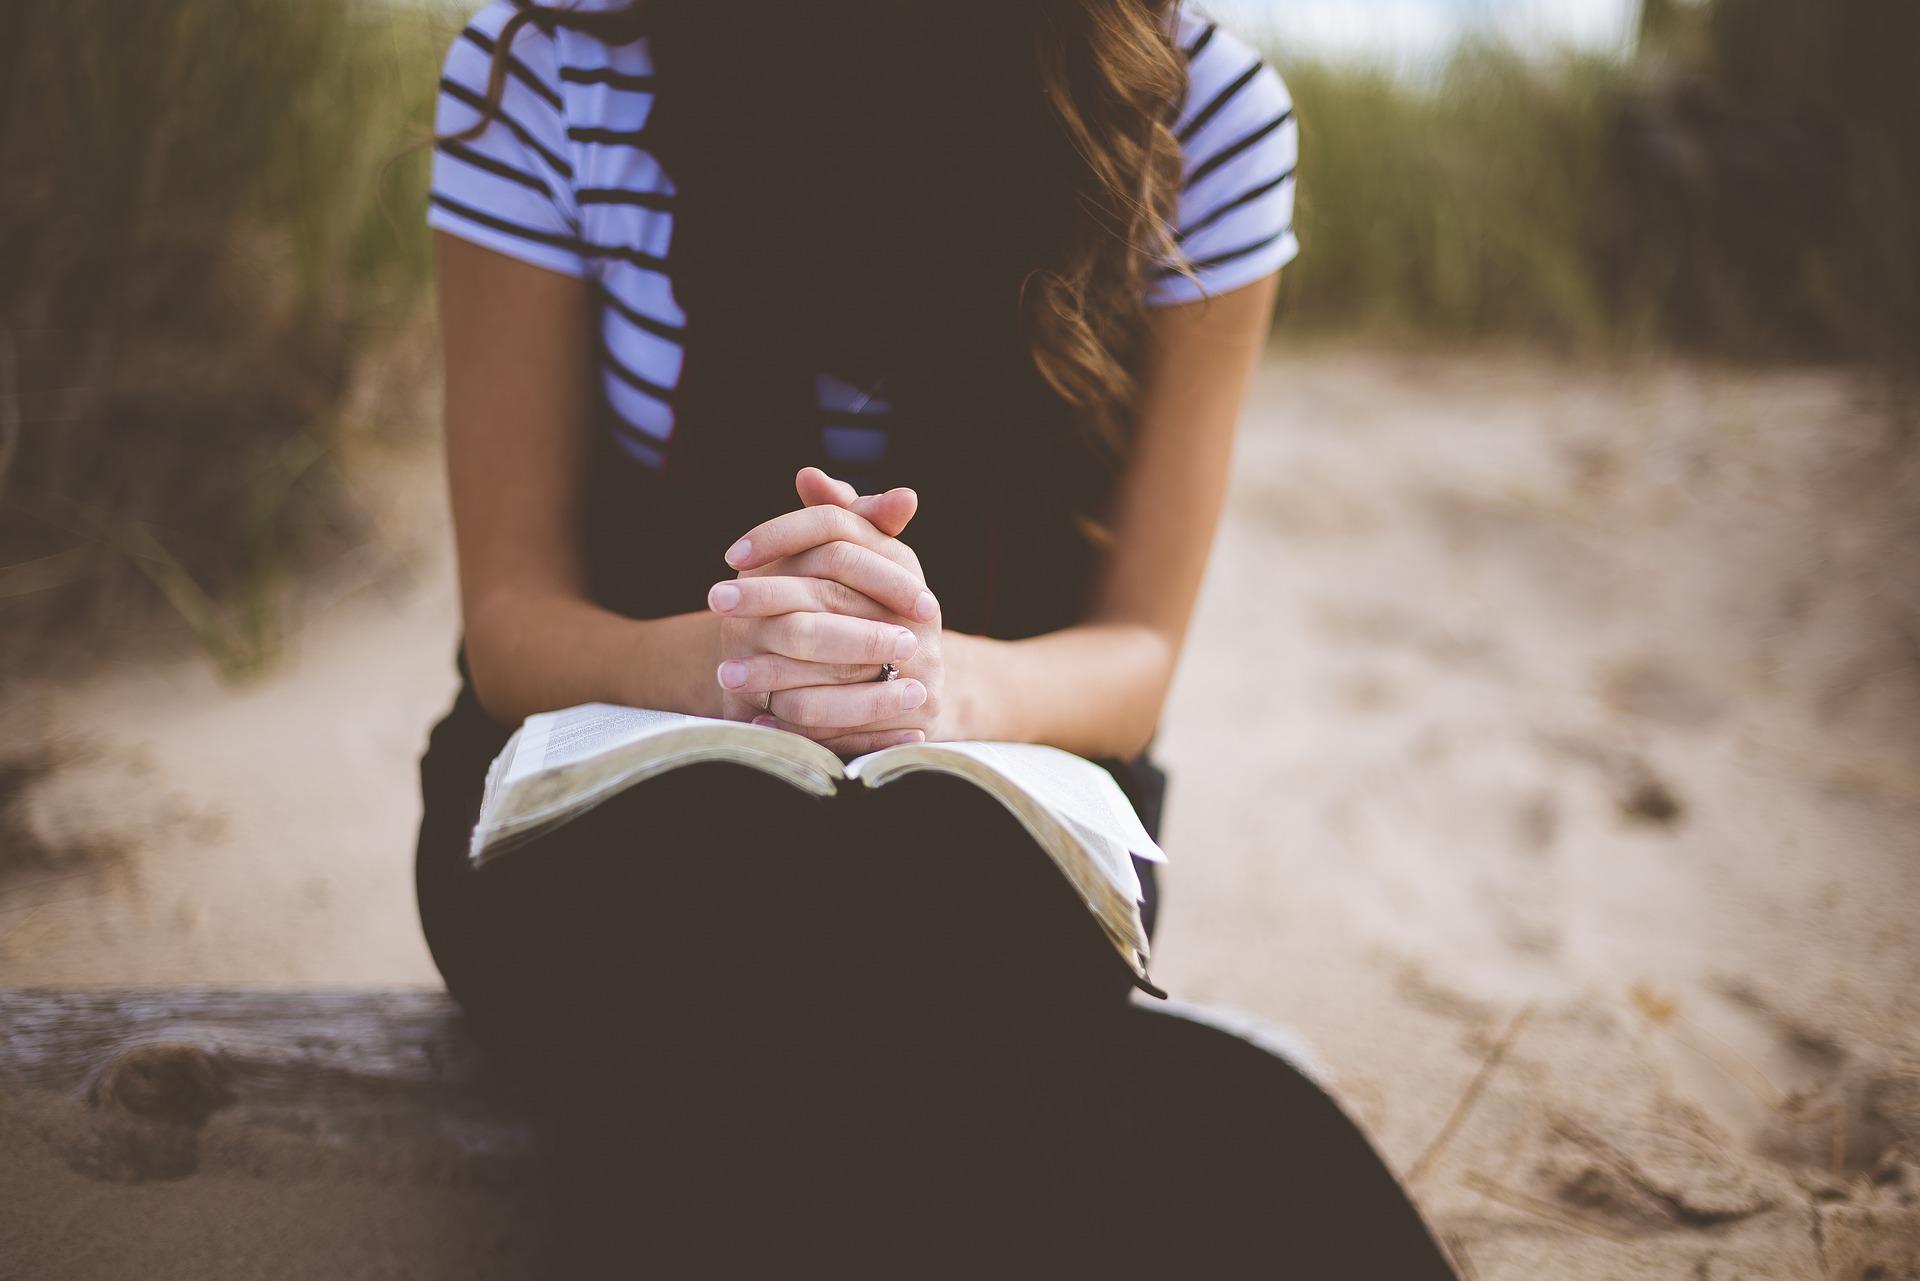 beach 1868772 1920 - Orar y rezar a Dios